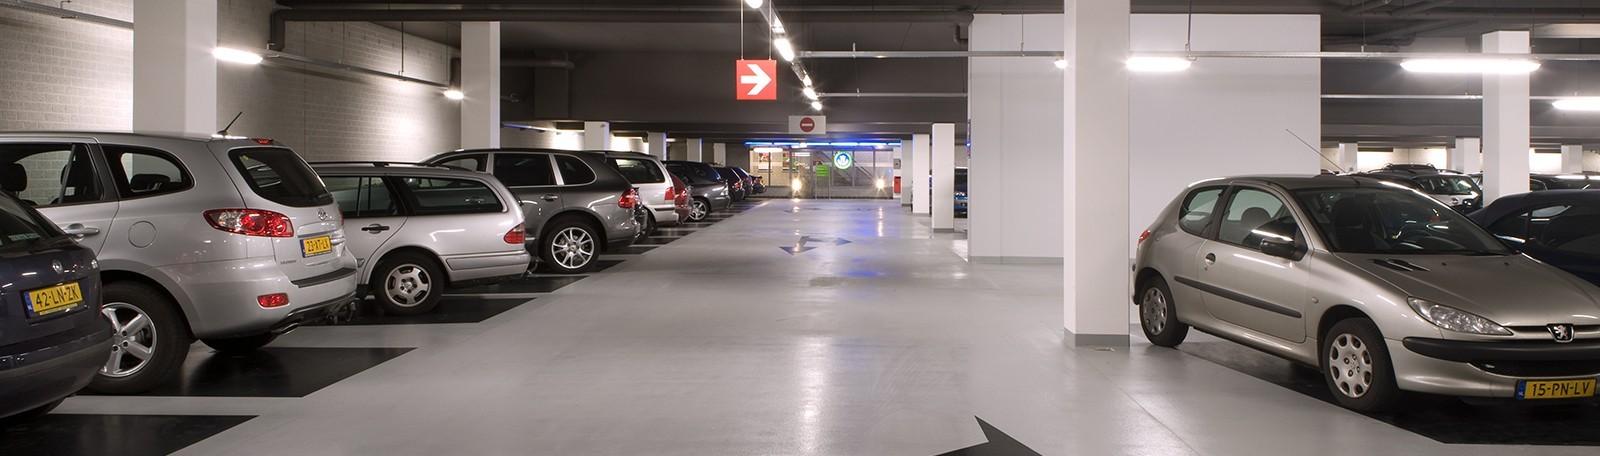 Parking Parchamp / Bois de Boulogne - 7 rue du Parchamp 92100 Boulogne-Billancourt